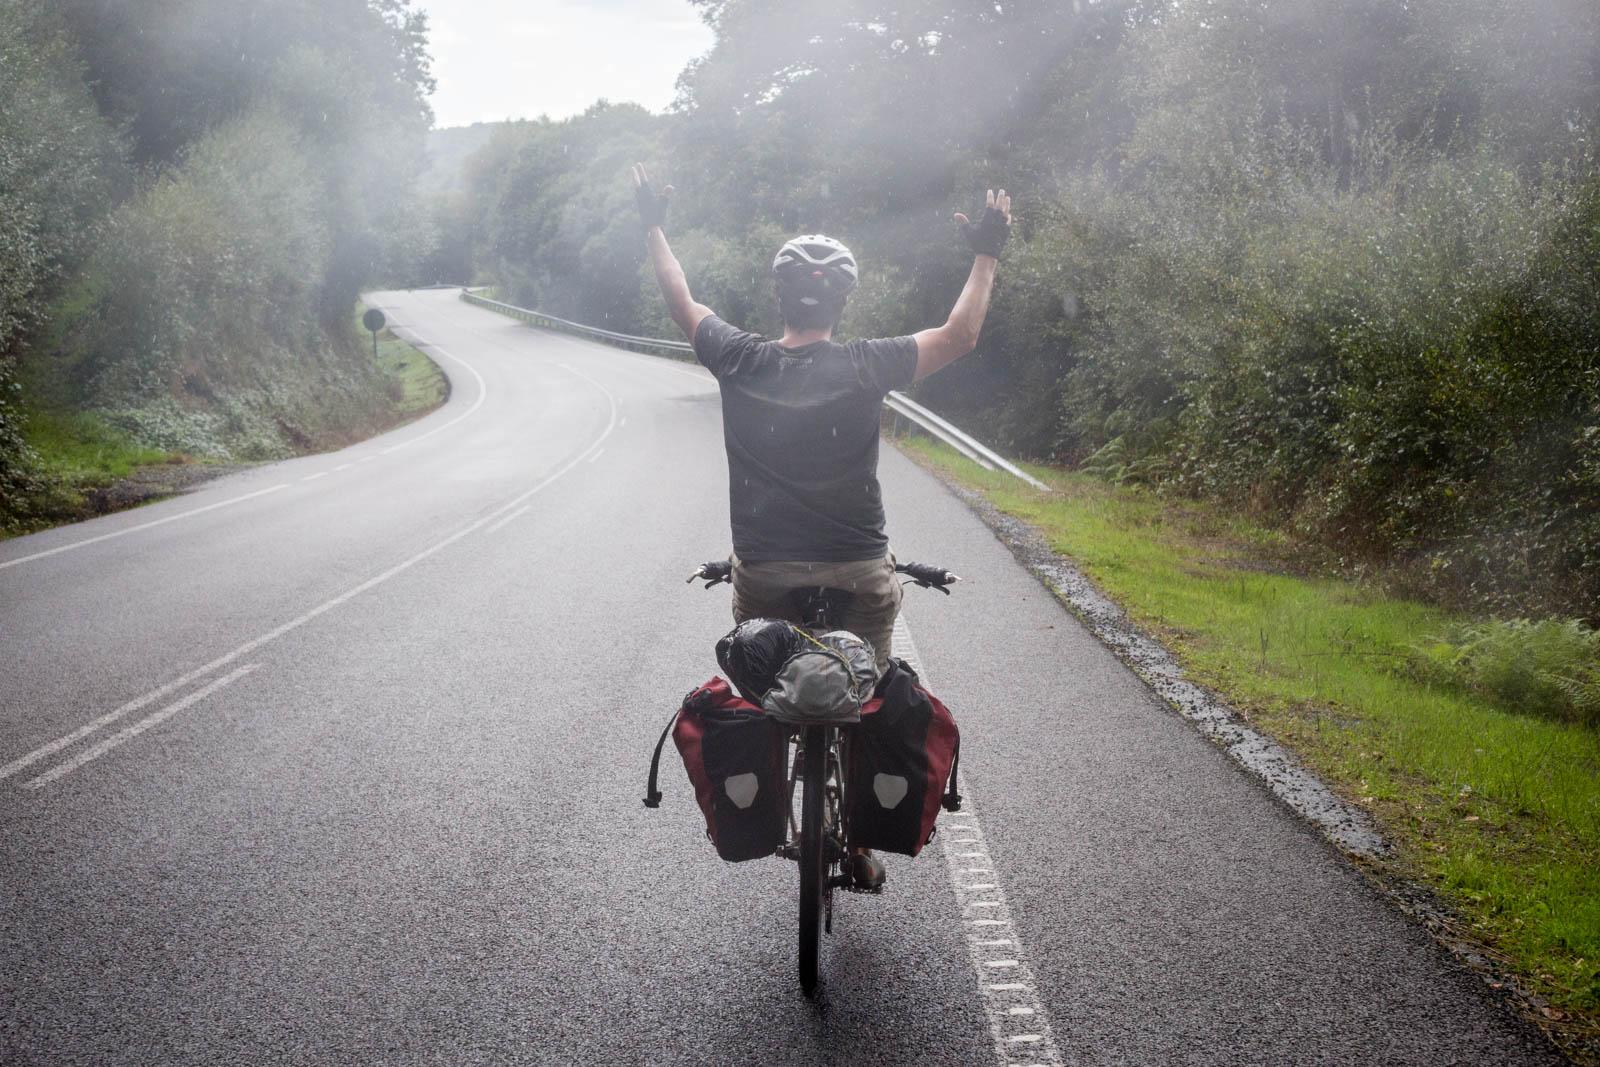 Happy rainy rides!